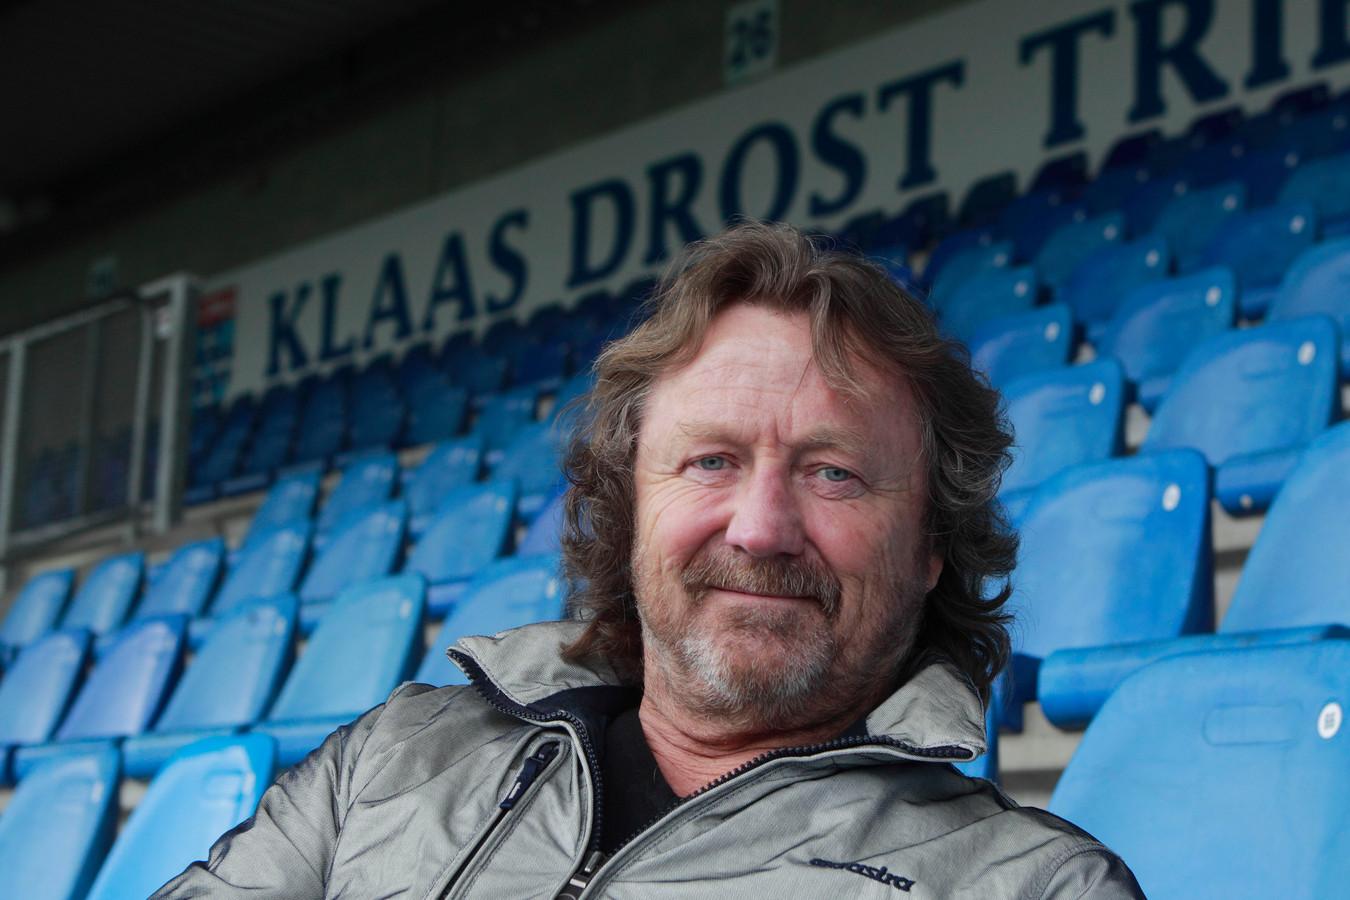 Klaas Drost op de tribune die naar hem is vernoemd.